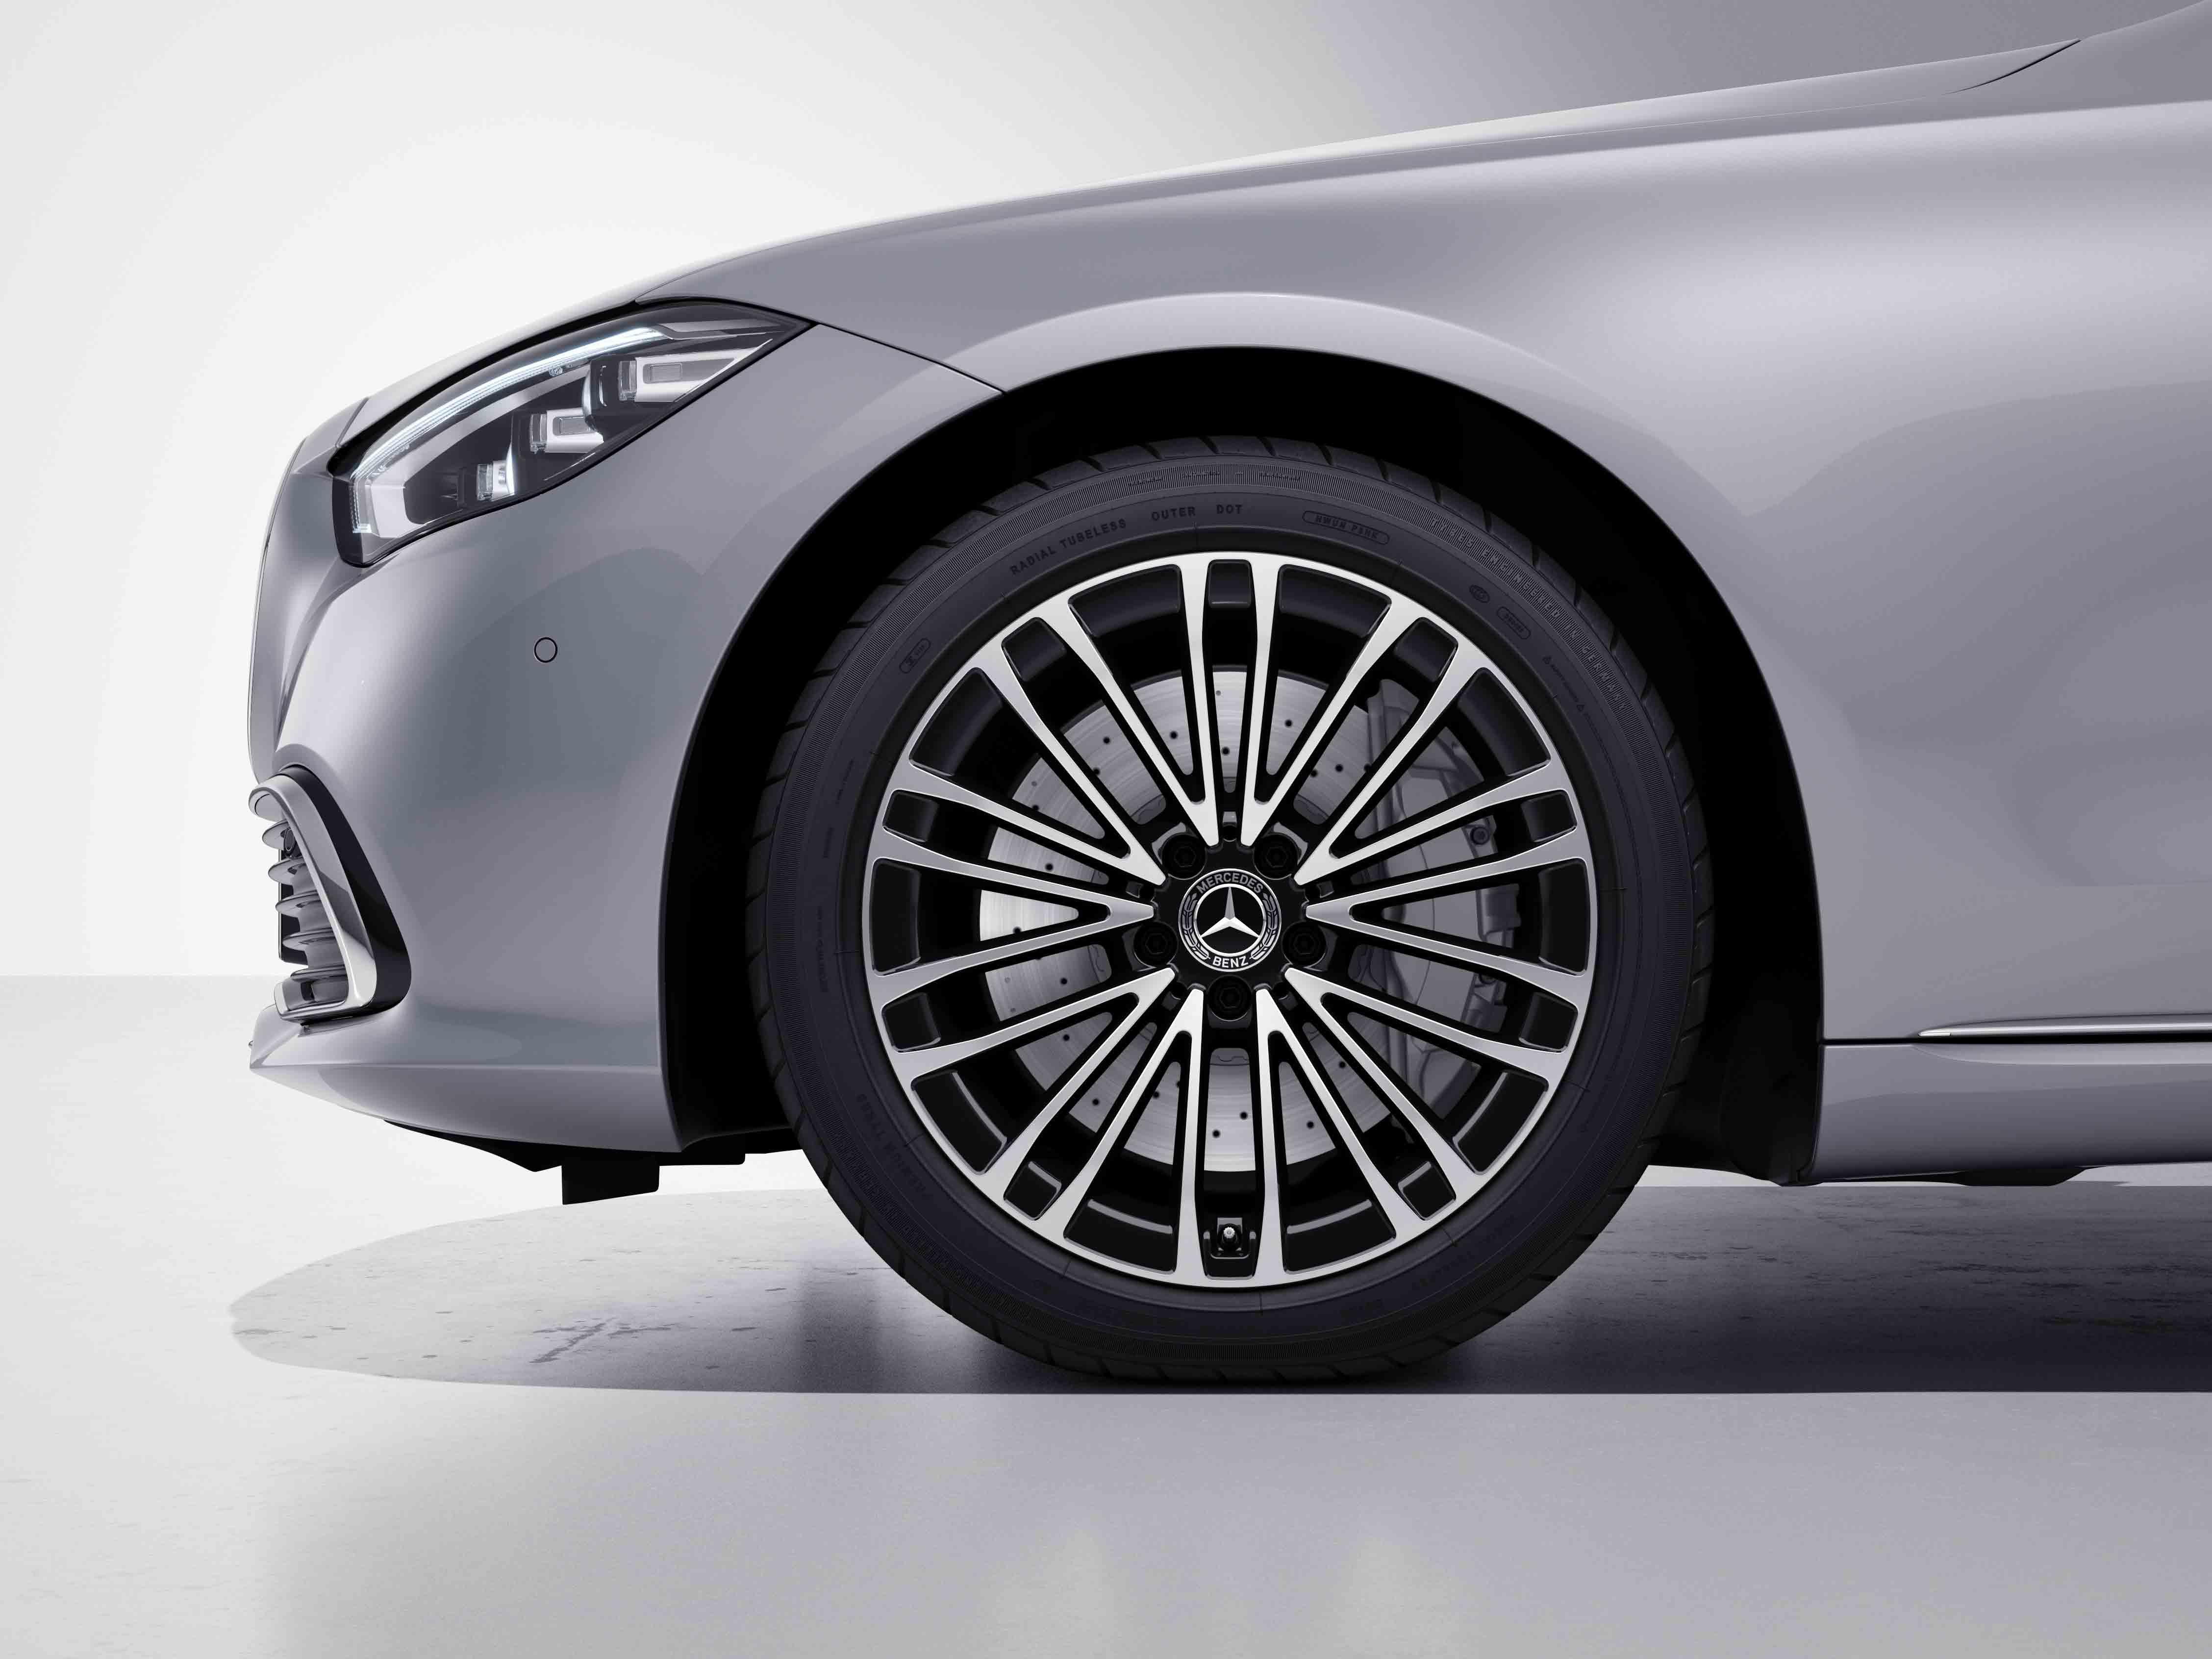 Jantes 20 à 5 doubles branches de la Mercedes-Benz Classe S Limousine